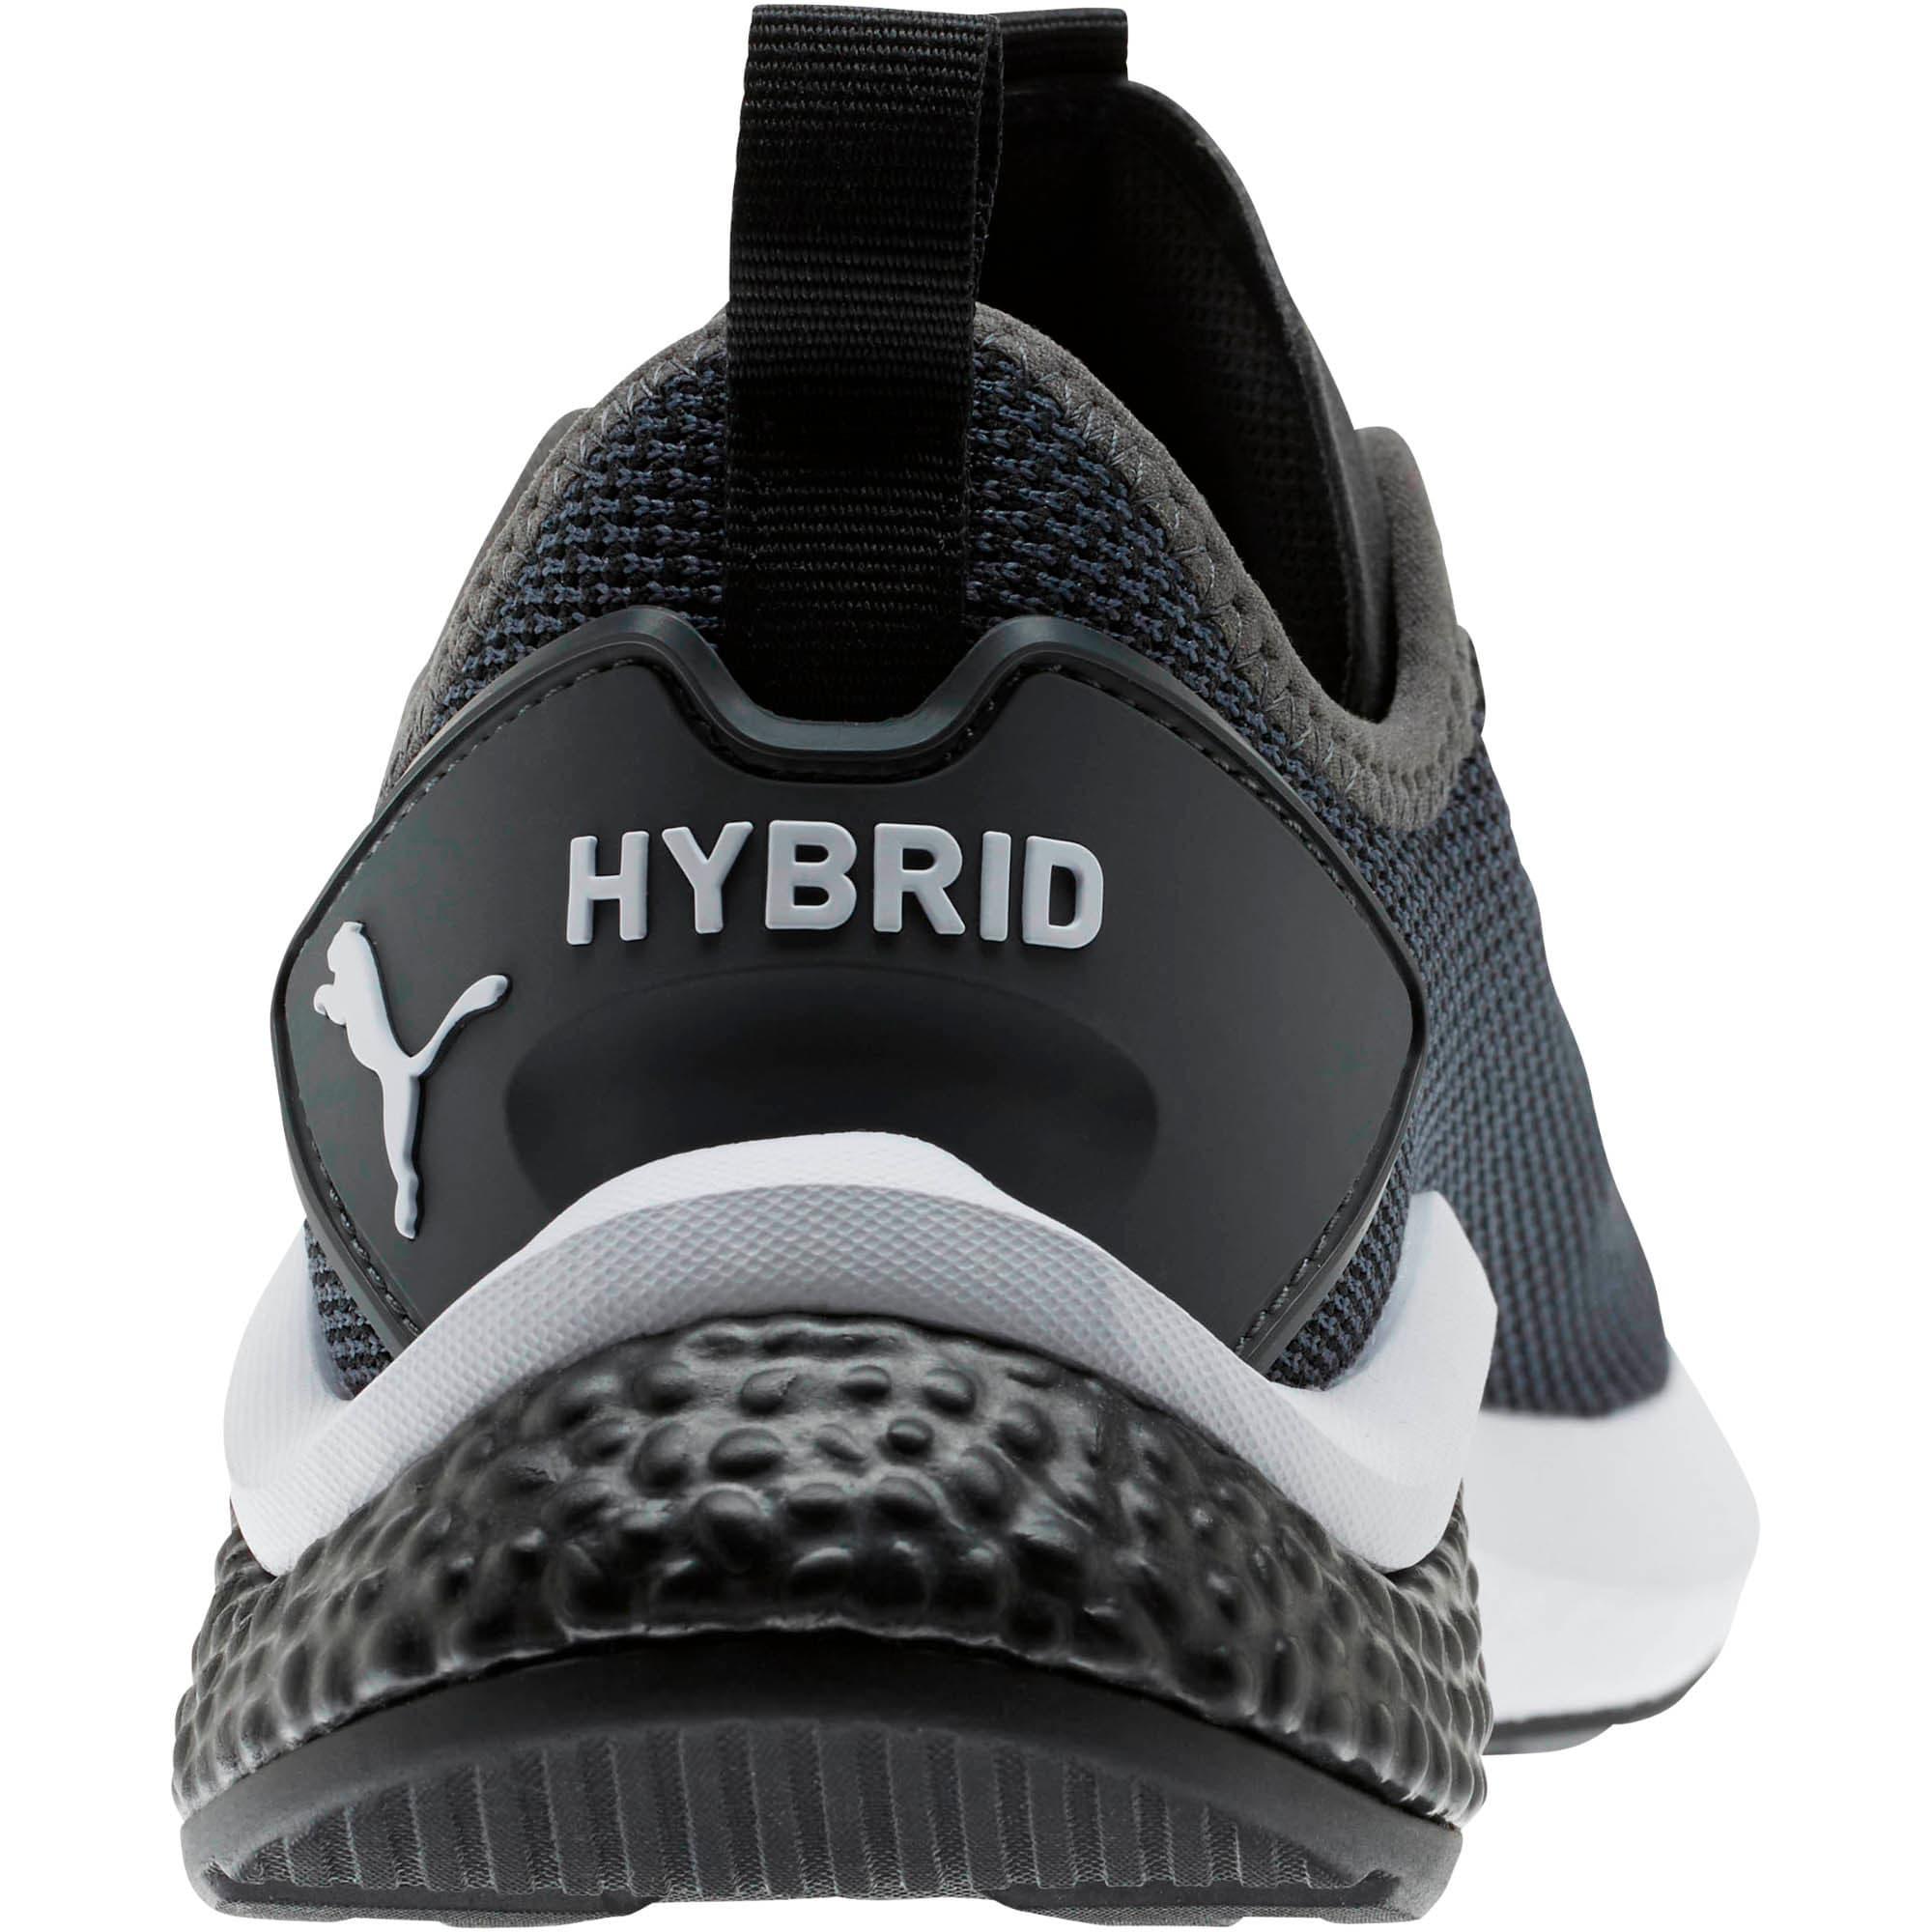 Thumbnail 3 of HYBRID NX Running Shoes JR, Puma Black-Puma White, medium